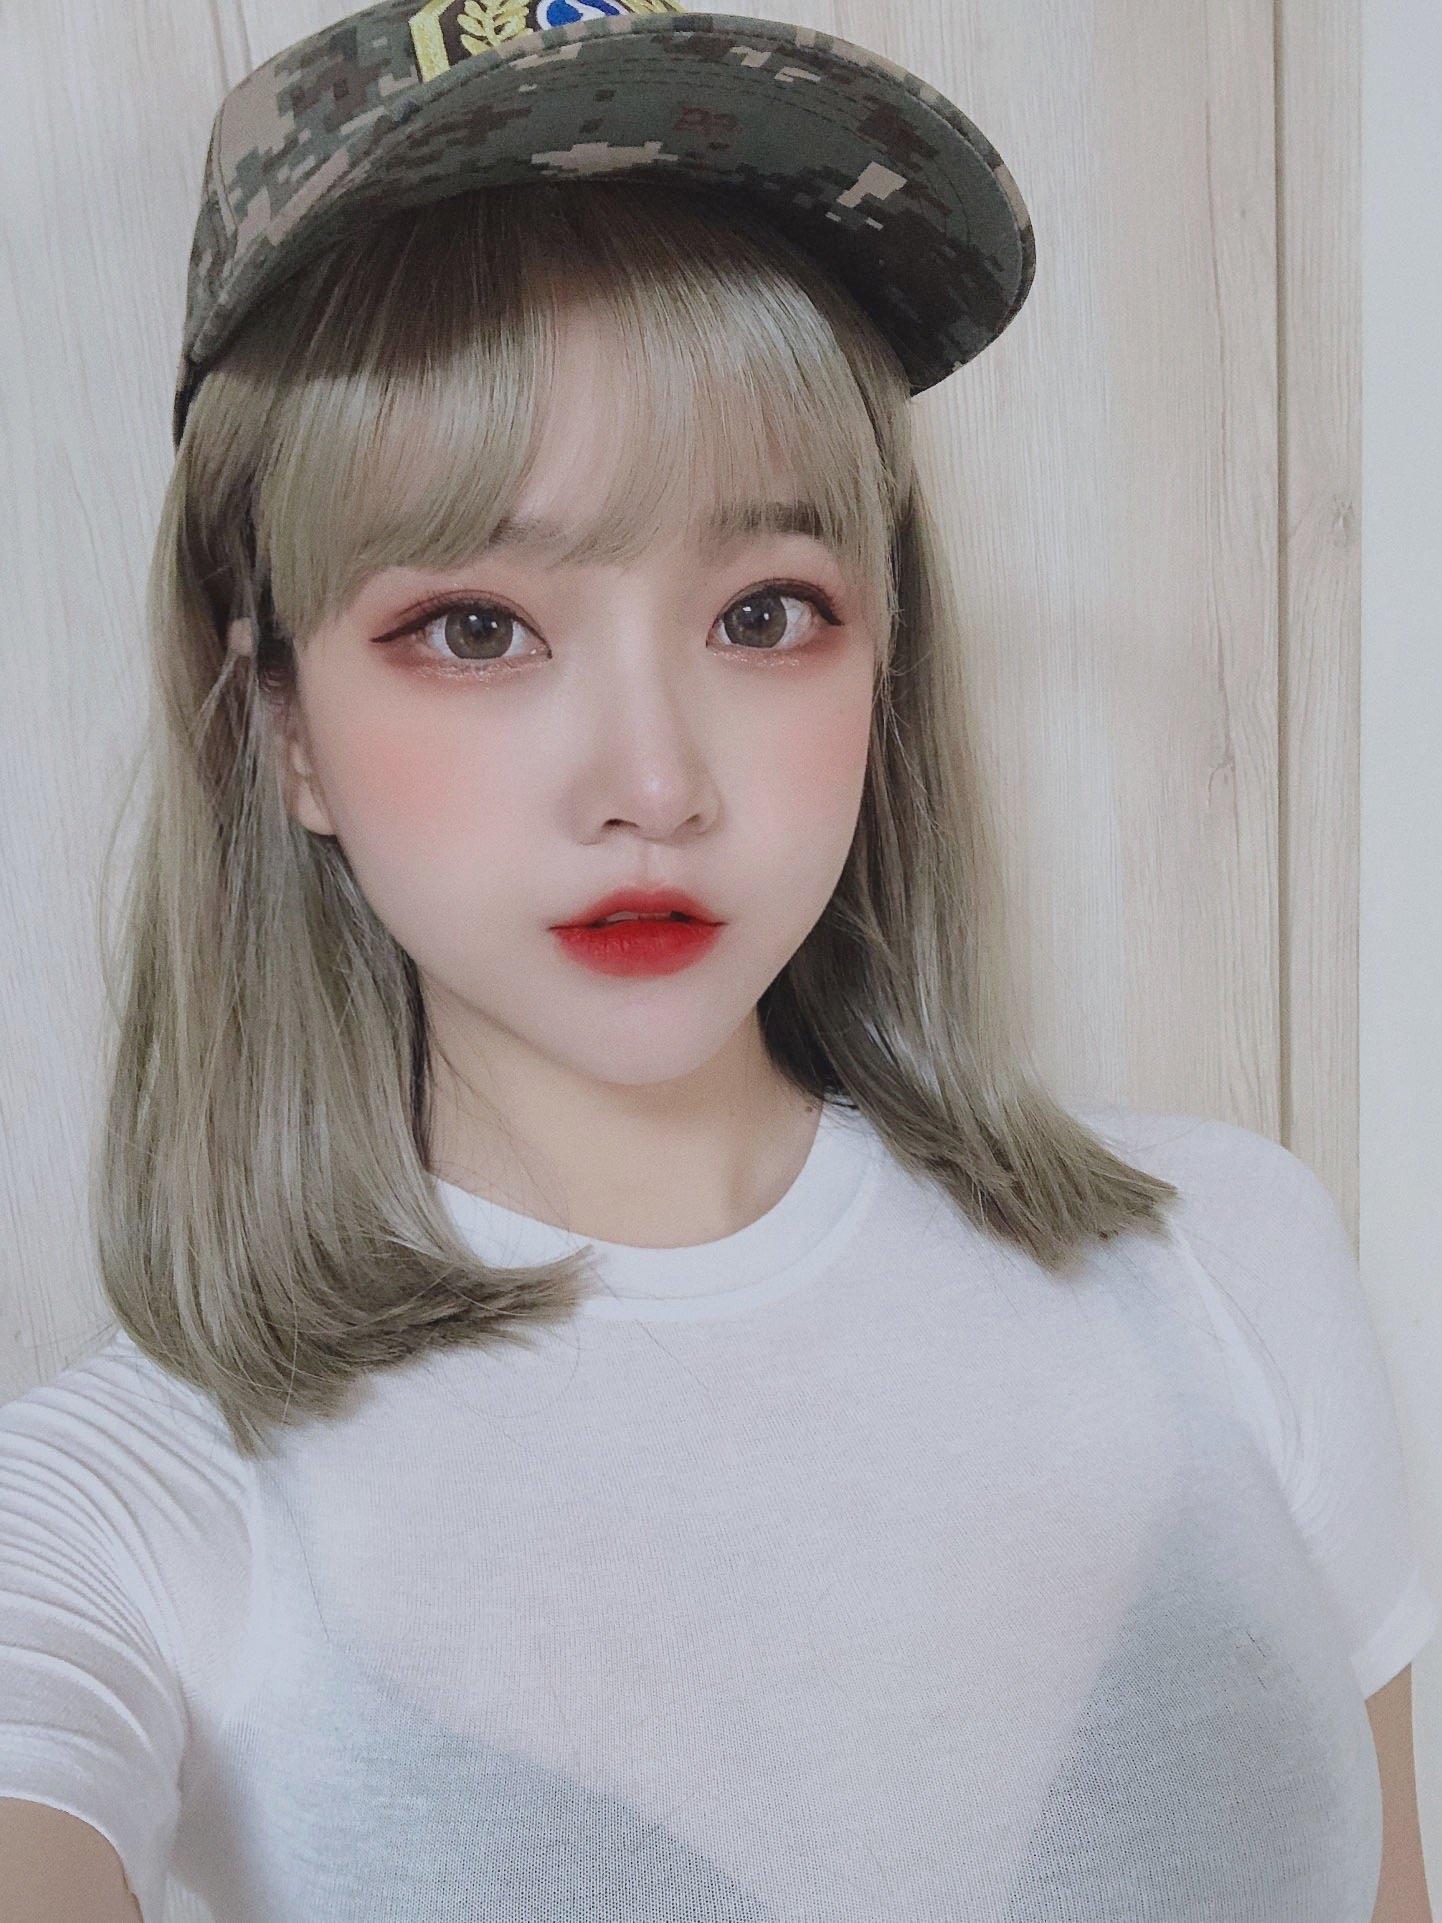 【画像】韓国で「見せブラ」が流行ってるらしい